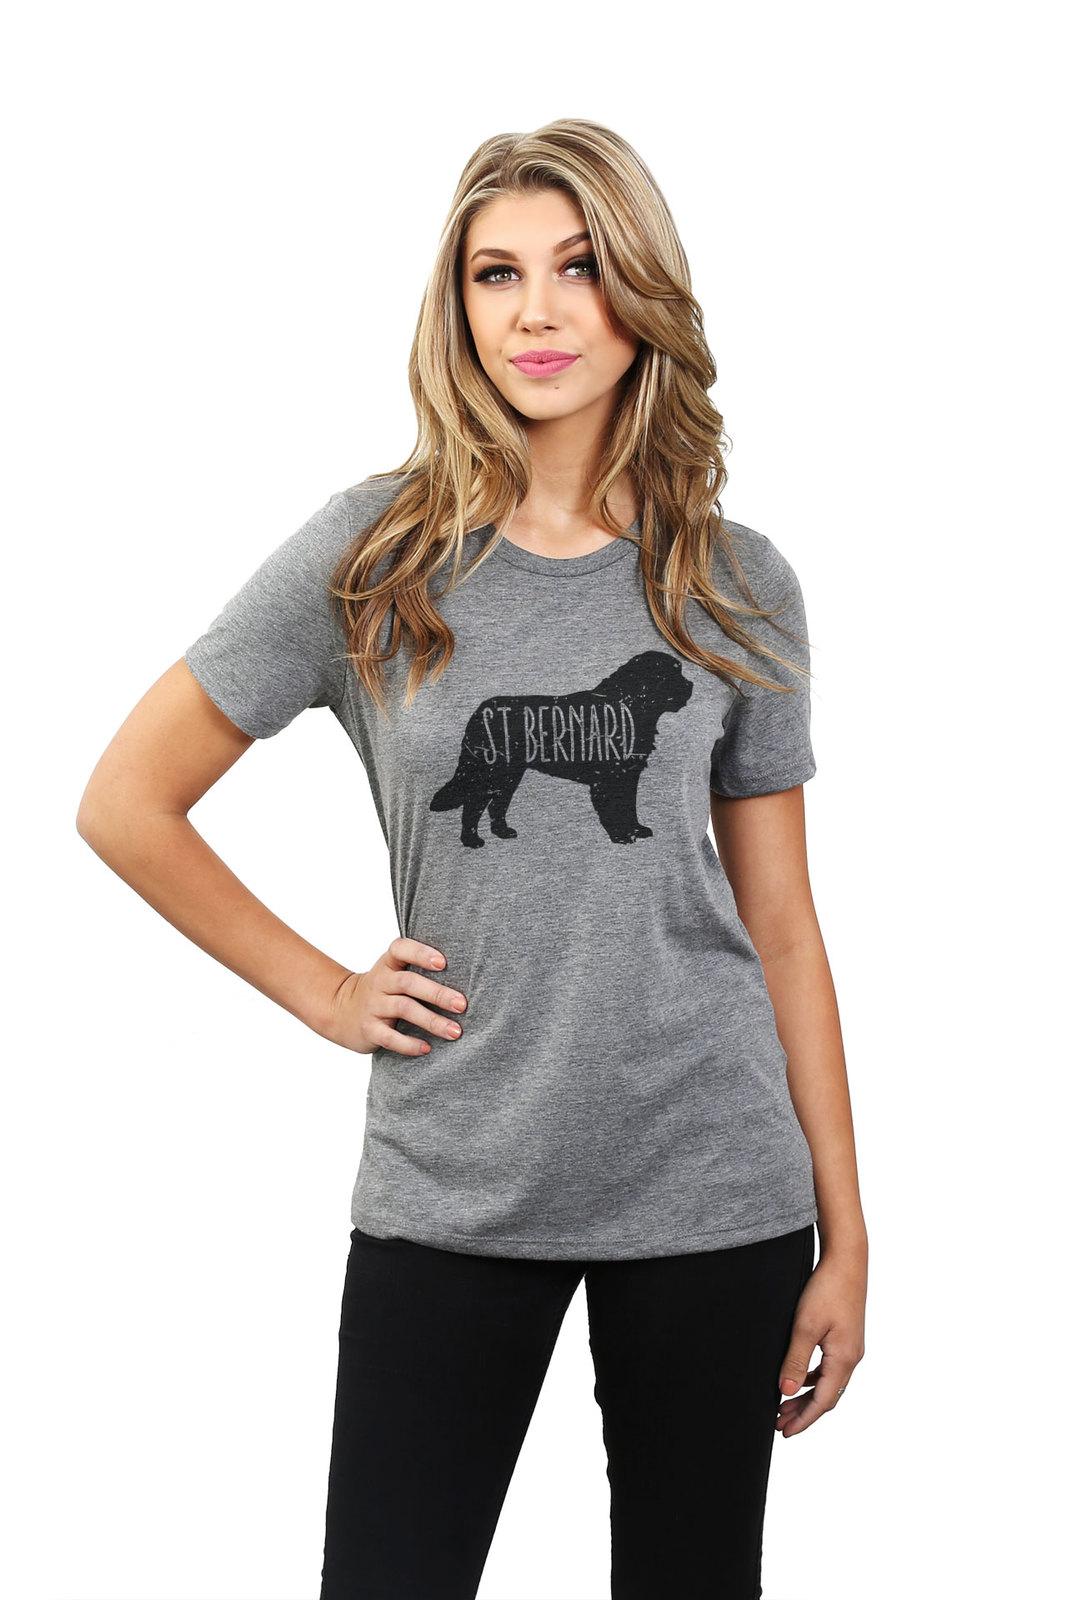 Thread Tank St Bernard Dog Silhouette Women's Relaxed T-Shirt Tee Heather Grey